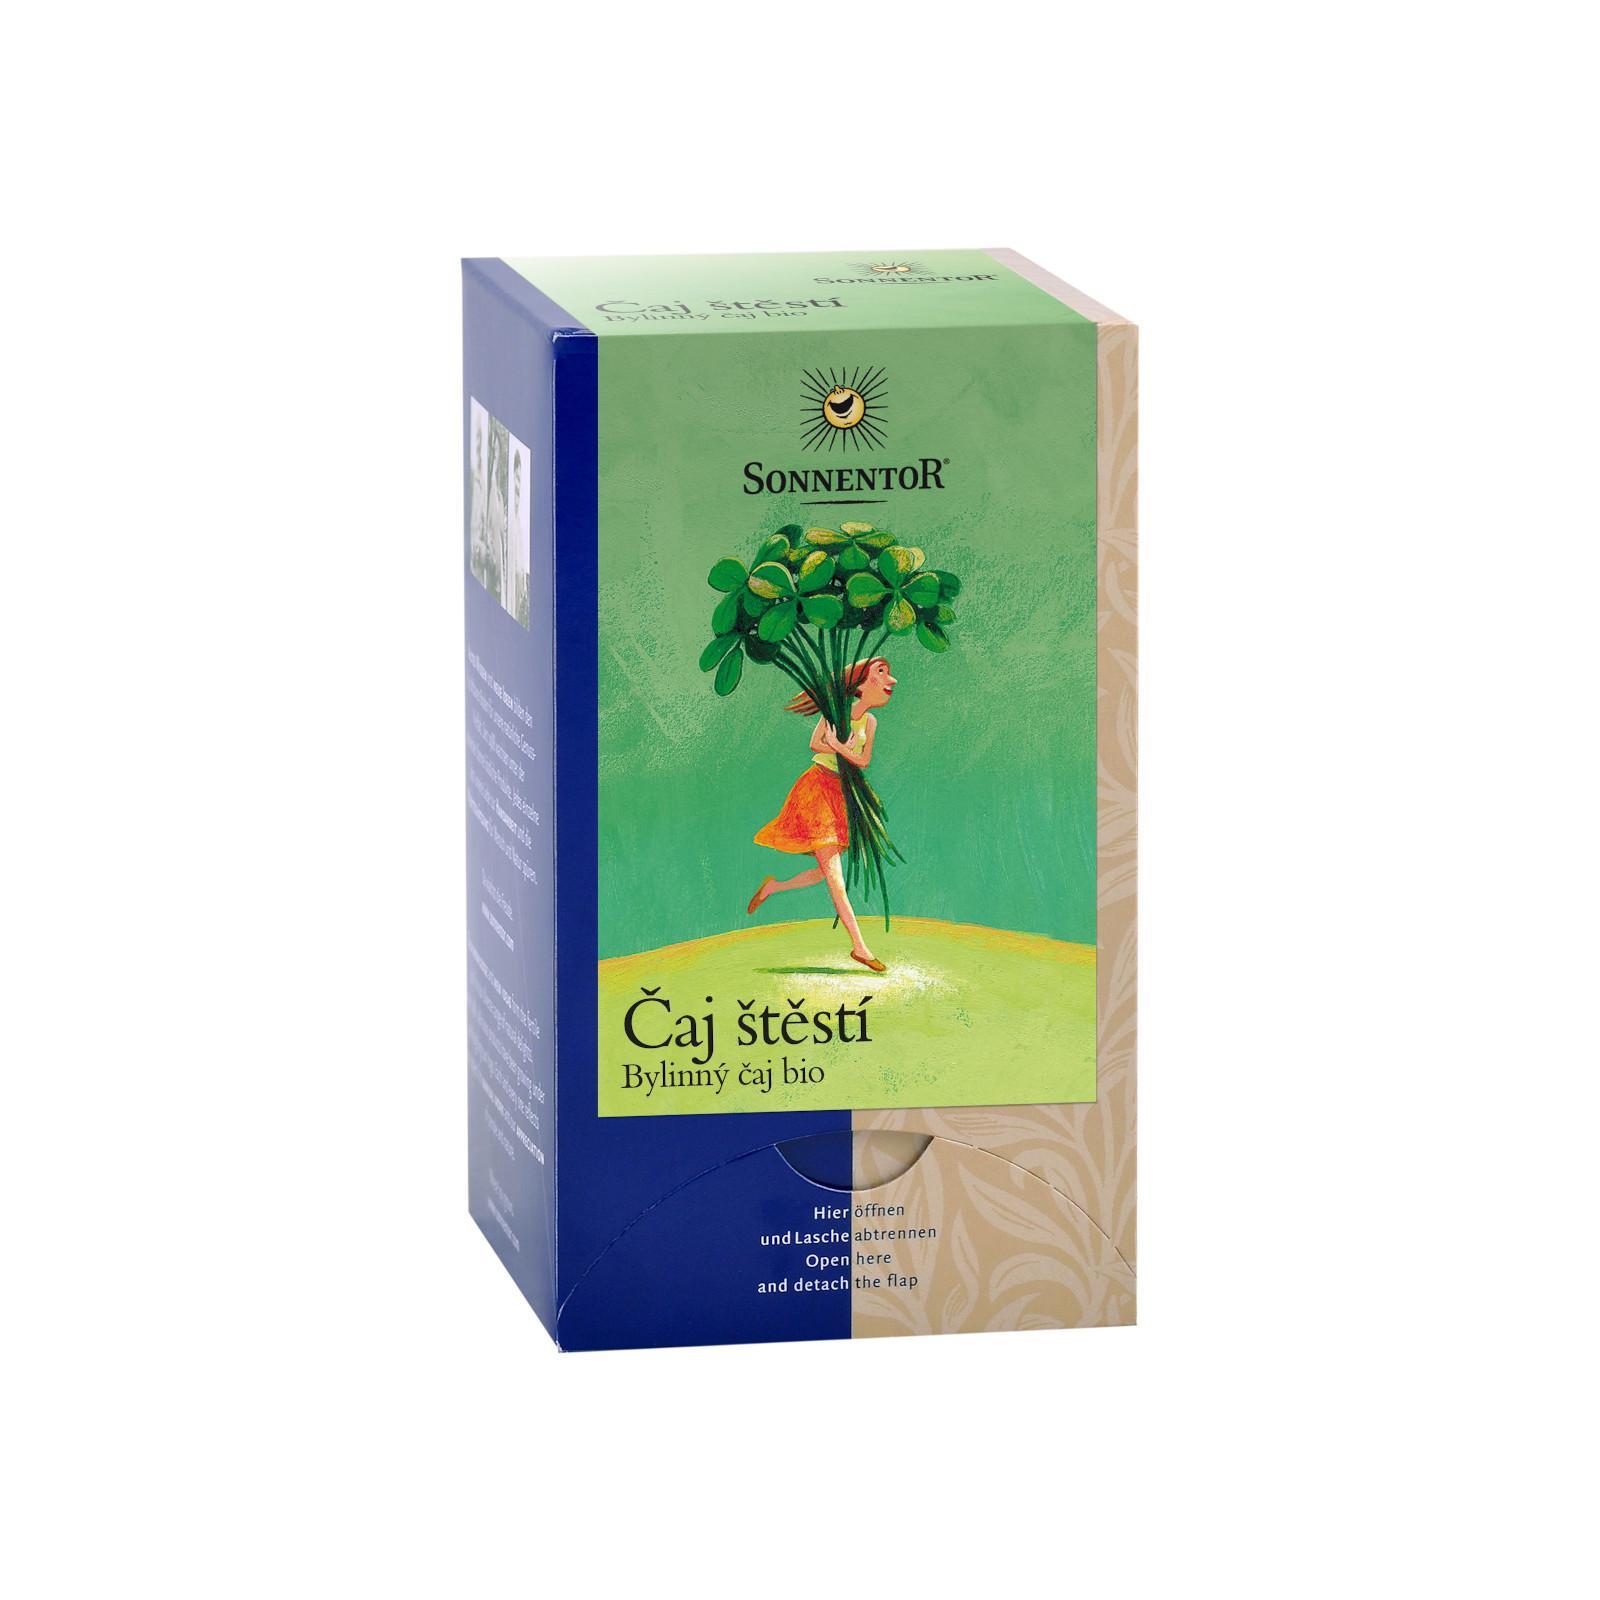 Sonnentor Čaj štěstí, bylinný čaj bio 27 g, 18 sáčků